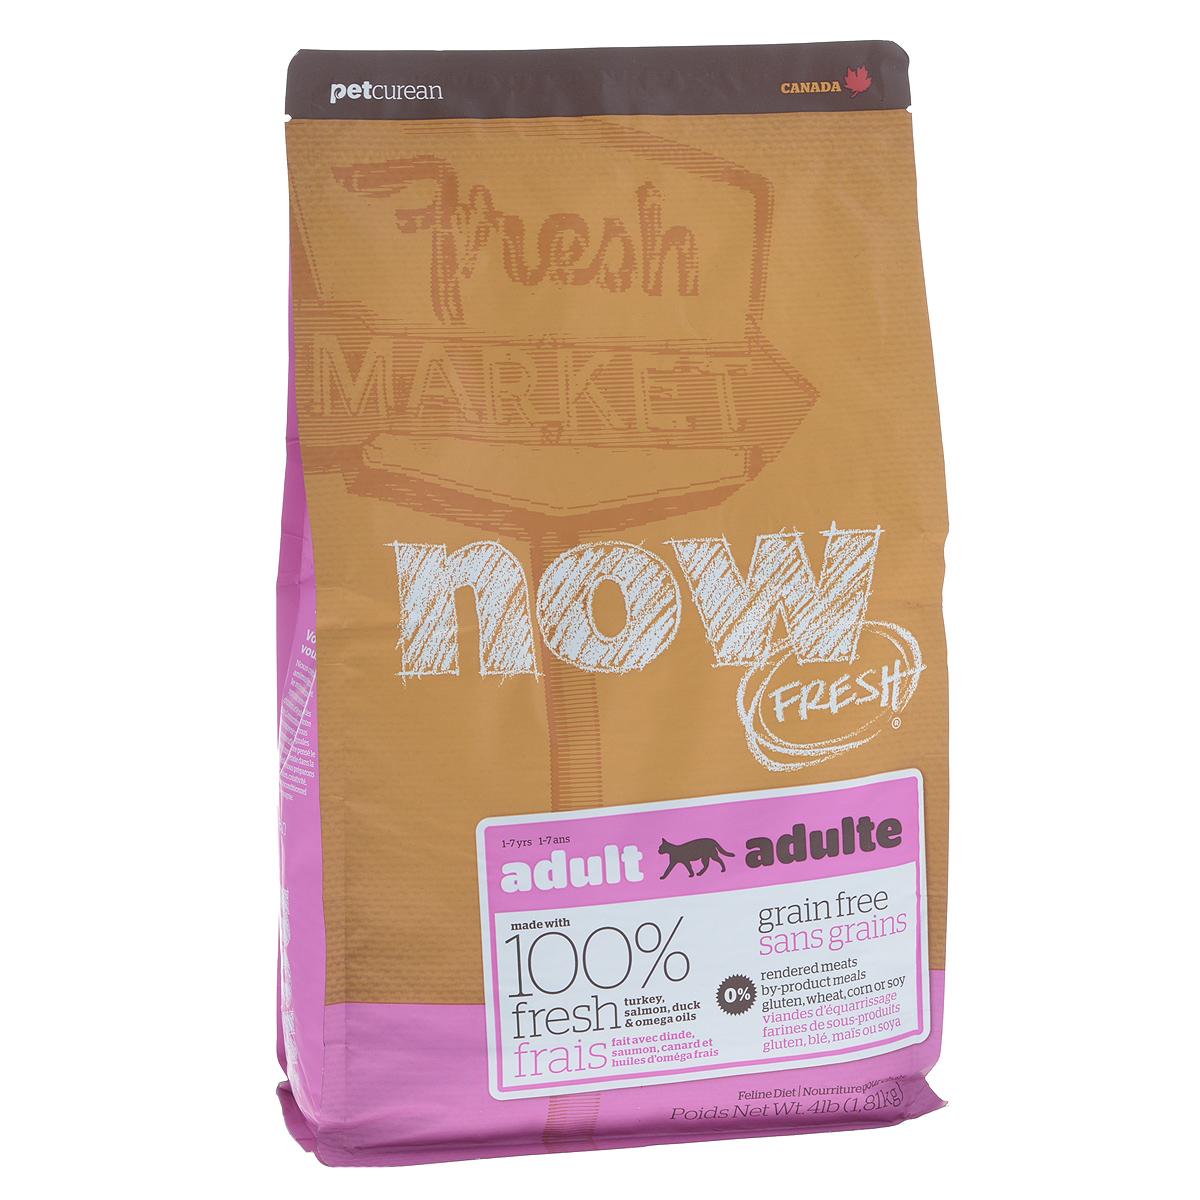 Корм сухой Now Fresh для взрослых кошек, беззерновой, с индейкой, уткой и овощами, 1,81 кг20042Now Fresh - полностью сбалансированный холистик корм из свежего филе индейки и утки, выращенных на канадских фермах. При производстве кормов используется только свежее мясо индейки, утки, лосося, кокосовое и рапсовое масло. Это первый беззерновой корм со сбалансированным содержание белков и жиров. Ключевые преимущества: - полностью беззерновой,- не содержит субпродуктов, красителей, говядины, мясных ингредиентов, выращенных на гормонах, - оптимальное соотношение белков и жиров помогает кошкам оставаться здоровыми и сохранять отличную форму,- докозагексаеновая кислота (DHA) и эйкозапентаеновая кислота (EPA) необходима для нормальной деятельности мозга и здорового зрения,- пробиотики и пребиотики обеспечивают здоровое пищеварение,- таурин необходим для здоровья глаз и нормального функционирования сердечной мышцы,- омега-масла в составе необходимы для здоровой кожи и шерсти,- антиоксиданты укрепляют иммунную систему. Состав: филе индейки, картофель, горох, свежие цельные яйца, томаты, масло канолы (источник витамина Е), семена льна, натуральный ароматизатор, филе лосося, утиное филе, кокосовое масло (источник витамина Е), яблоки, морковь, тыква, бананы, черника, клюква, малина, ежевика, папайя, ананас, грейпфрут, чечевица, брокколи, шпинат, творог, ростки люцерны, дикальций фосфат, люцерна, карбонат кальция, фосфорная кислота, натрия хлорид, лецитин, хлорид калия, DL-метионин, таурин, витамины (витамин Е, L-аскорбил-2-полифосфатов (источник витамина С), никотиновая кислота, инозит, витамин А, тиамин, амононитрат, пантотенат D-кальция, пиридоксинагидрохлорид, рибофлавин, бета-каротин, витамин D3, фолиевая кислота, биотин, витаминВ12), минералы (протеинат цинка, сульфат железа, оксид цинка, протеинат железа, сульфат меди, протеинат меди, протеинат марганца, оксид марганца, йодат кальция, селенит натрия), сушеные водоросли, L-лизин, сухой корень цикория, Lactobacillus, Enterococ